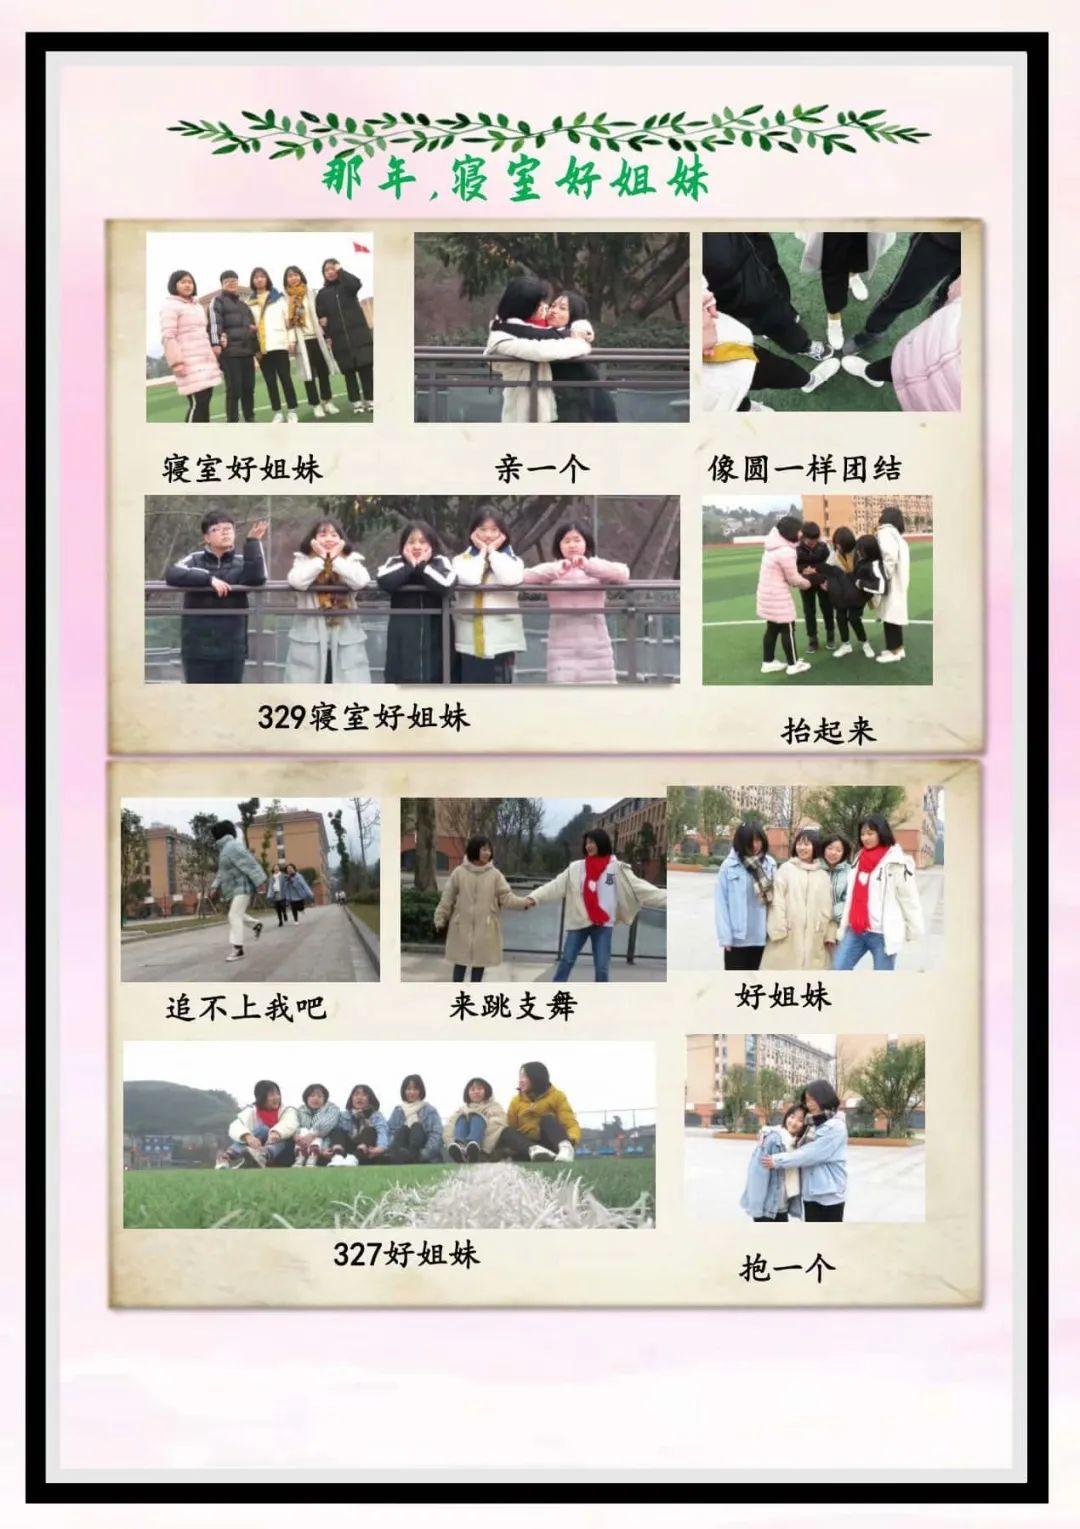 再见,云涛之家—叙永三中17级10班毕业纪念 叙永三中 第22张